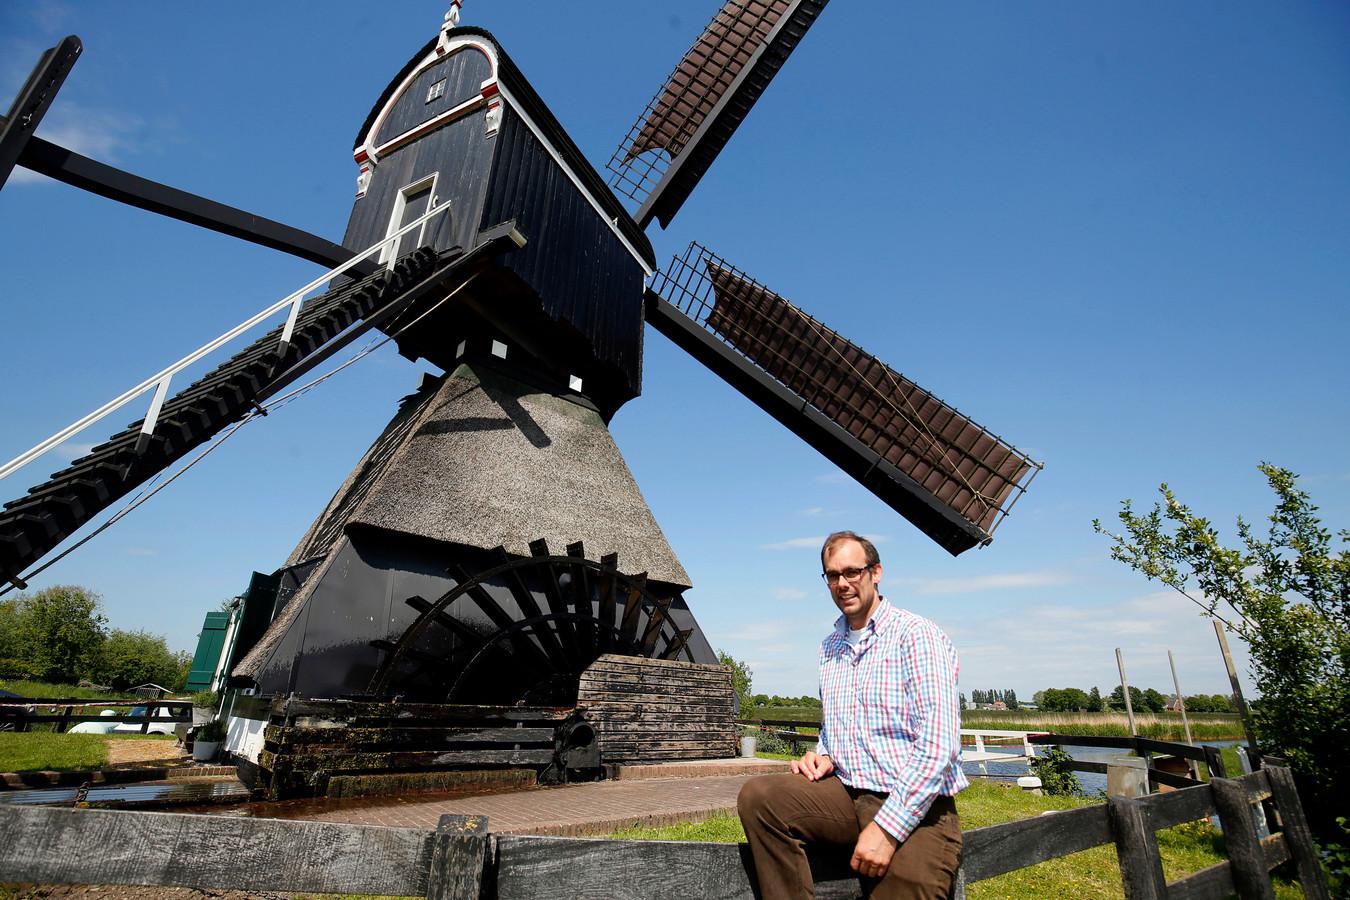 Thijs van Hoof woont in de Vlietmolen in Lexmond. Hij hoopt binnenkort verlost te zijn van de bonte knaagkevers die de balken aantasten.